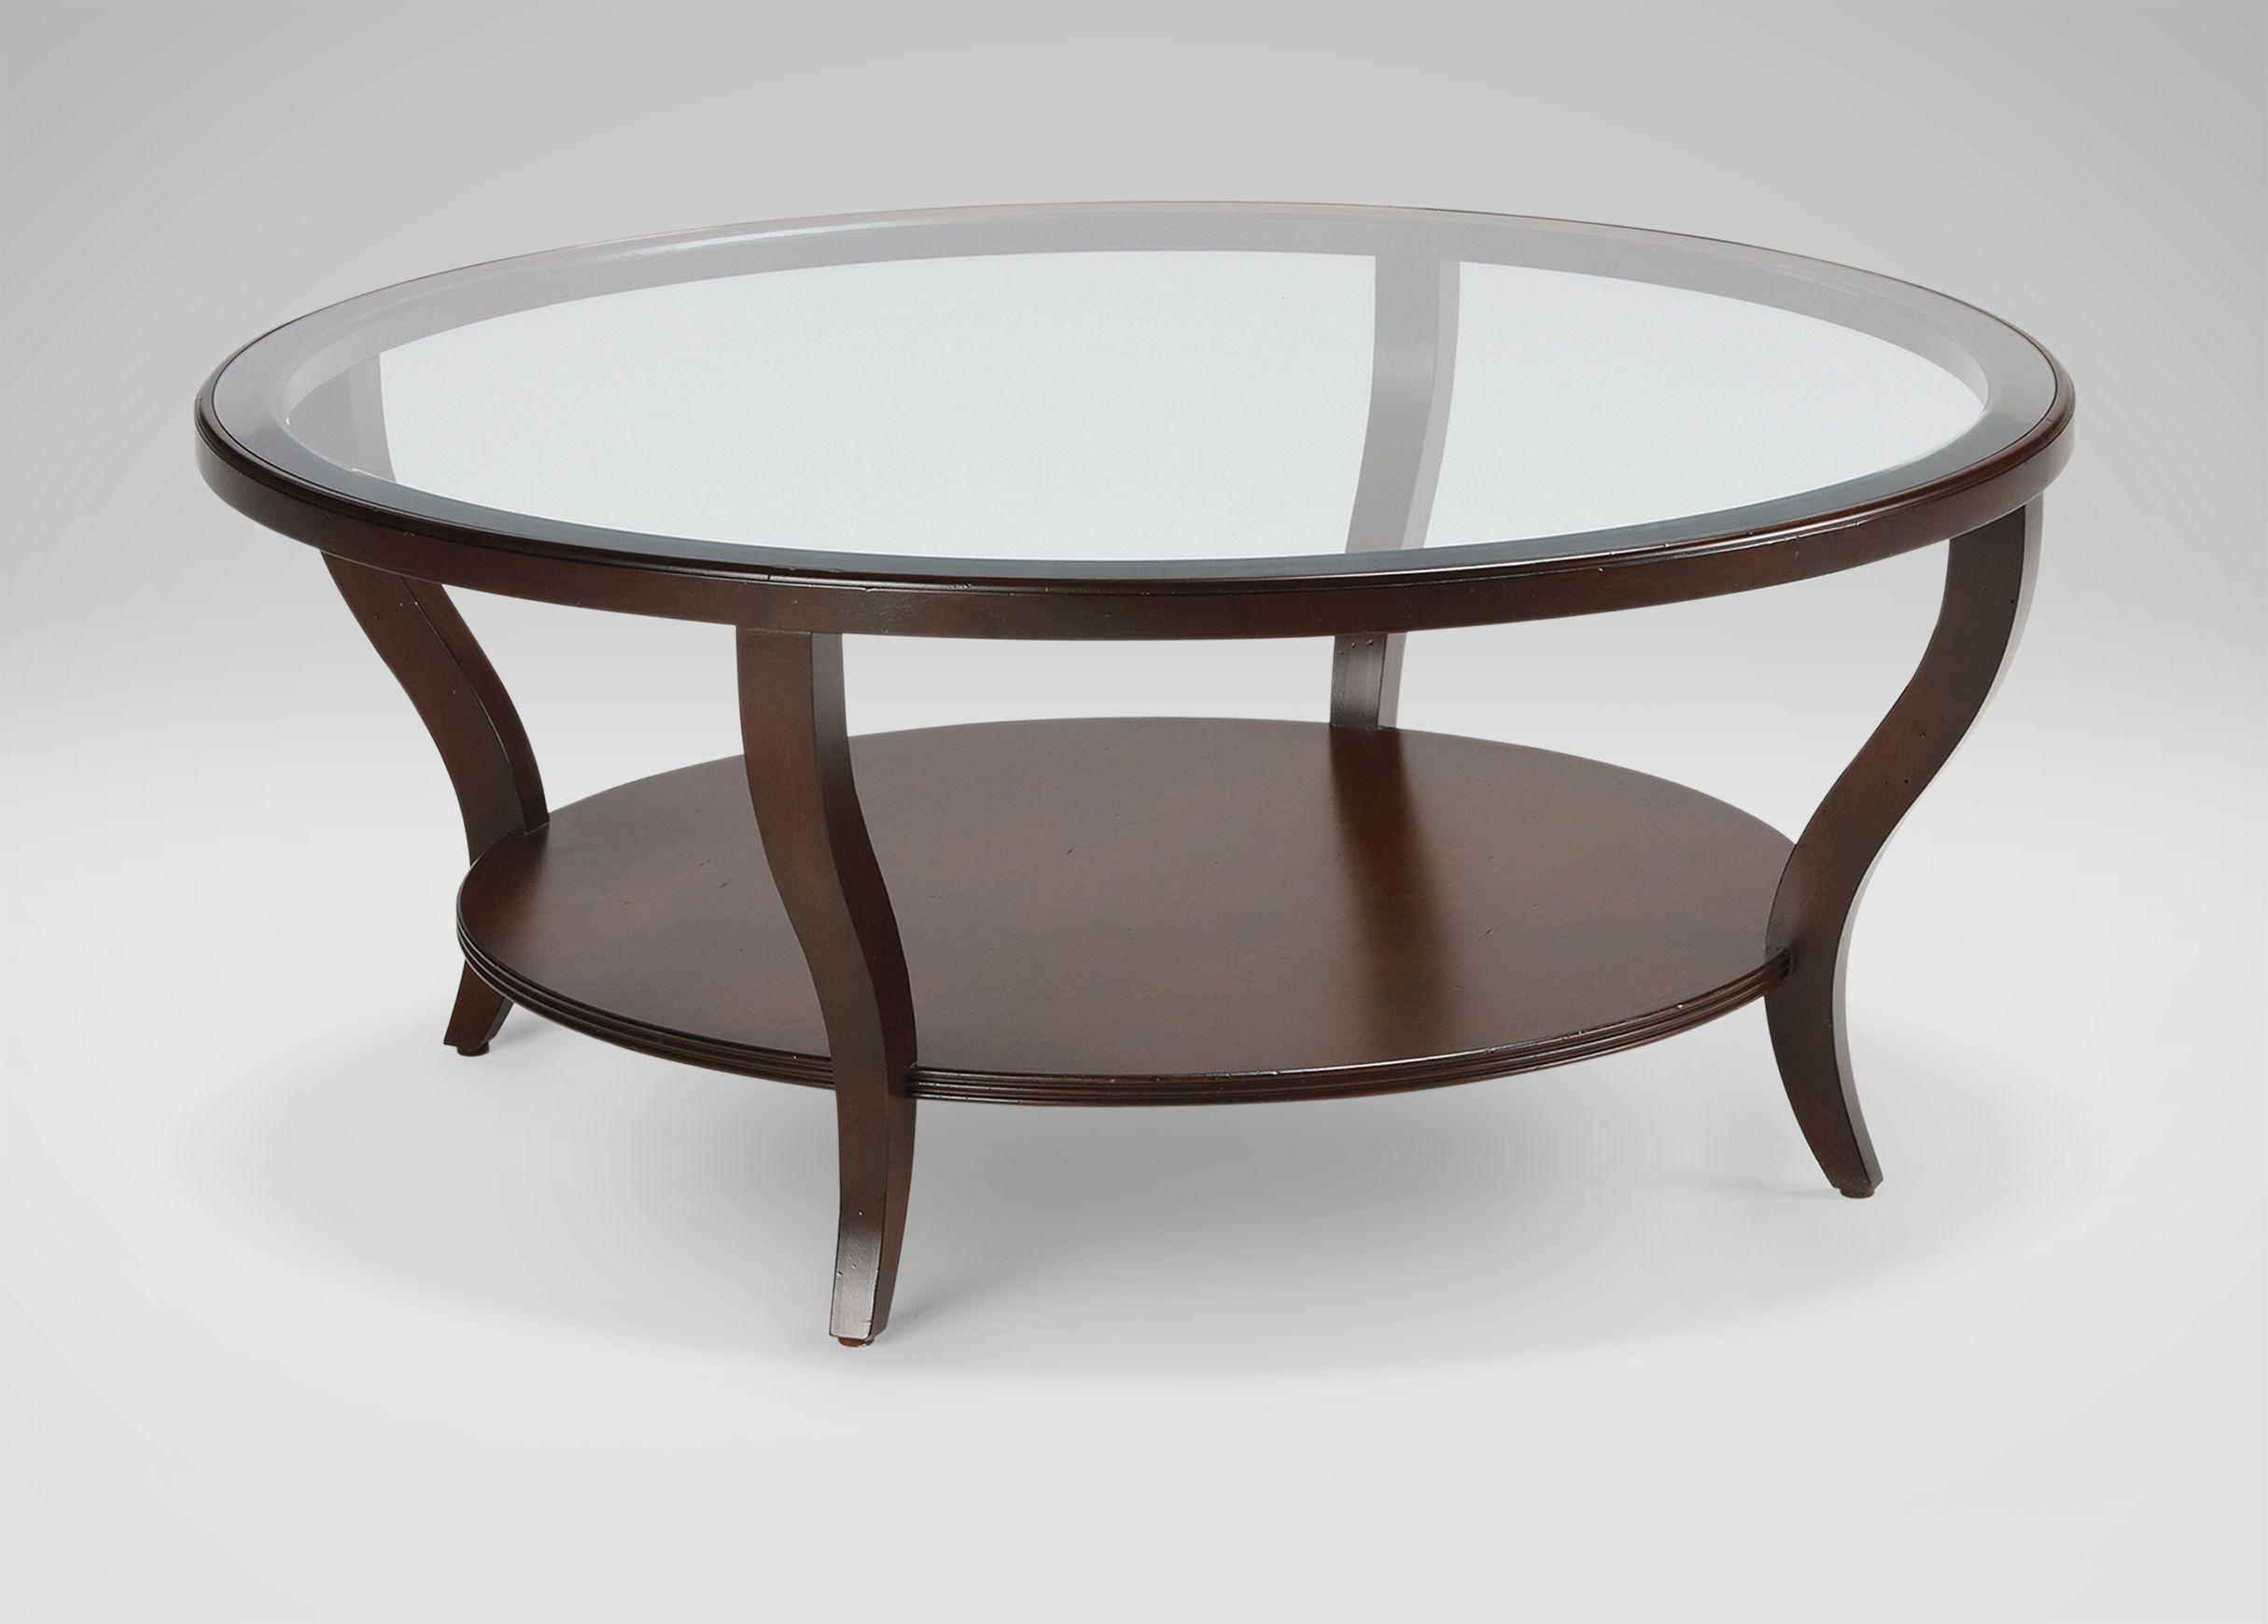 Jocelyn Coffee Table Ethan Allen Us Glass Coffee Table Coffee Table Furniture Living Room Coffee Table [ 1000 x 1000 Pixel ]